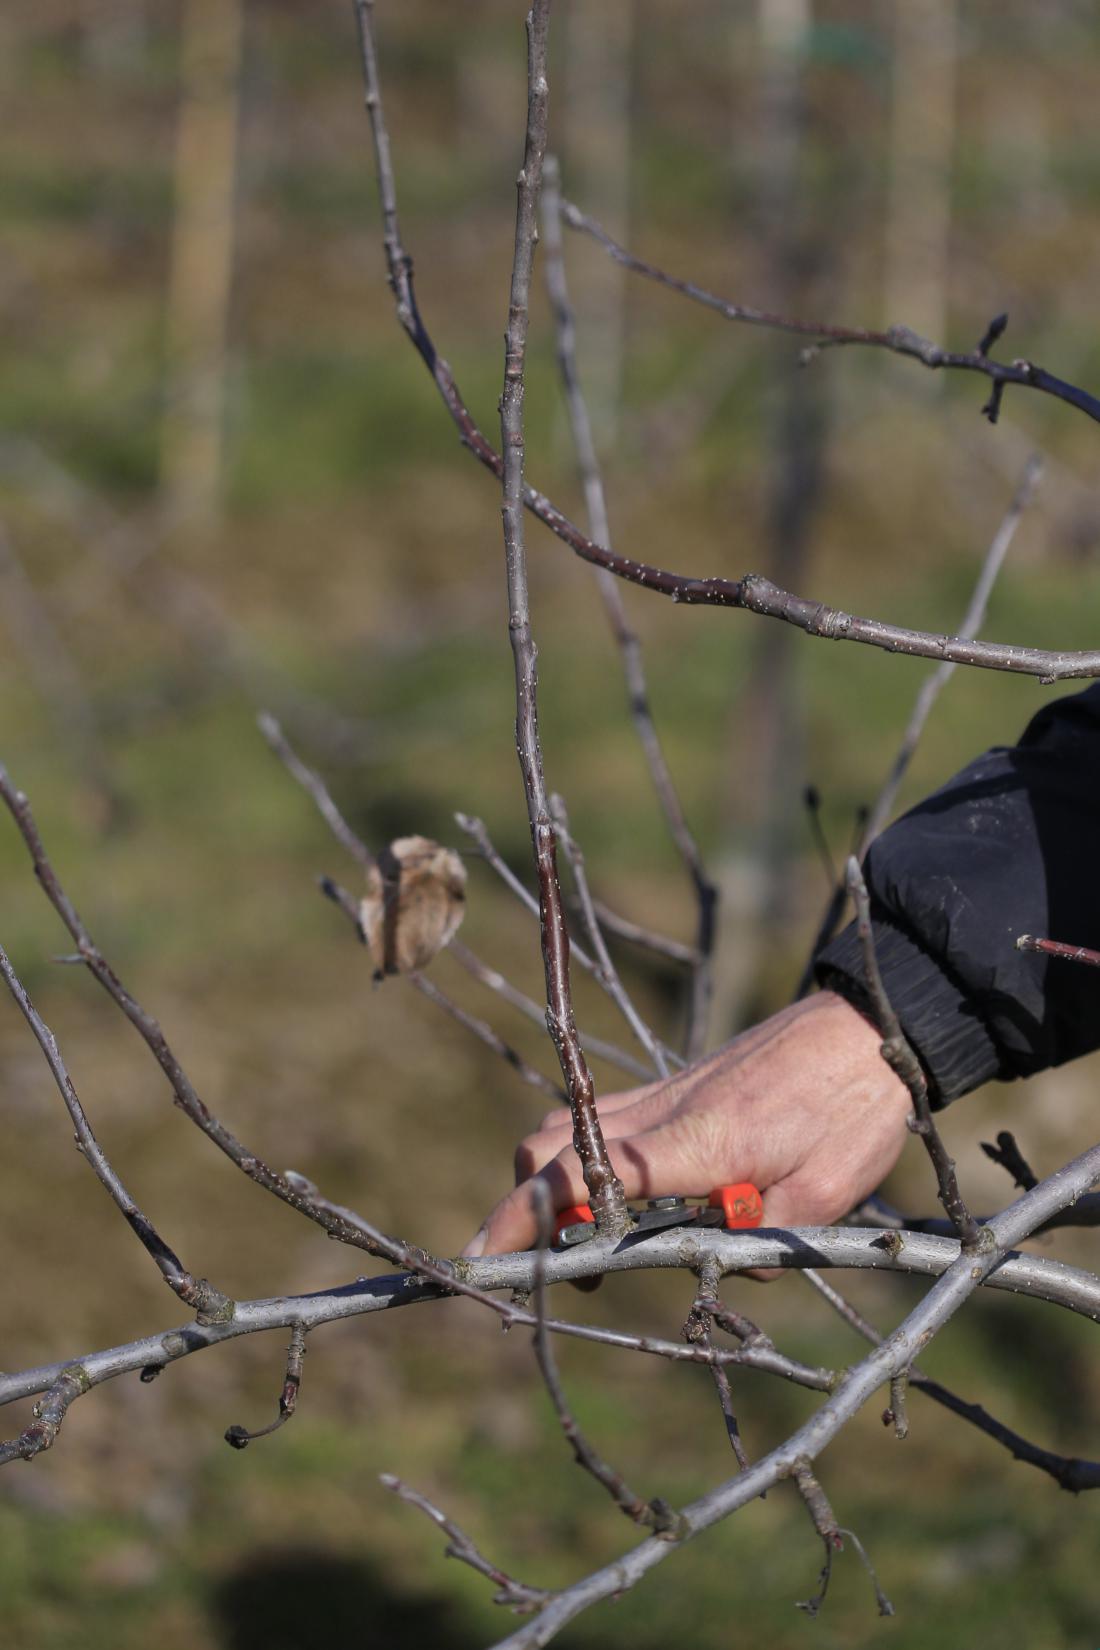 Pri vseh sadnih drevesih izrezujemo navpične poganjke, ki rastejo s hrbta veje. Izrežemo jih do osnove.